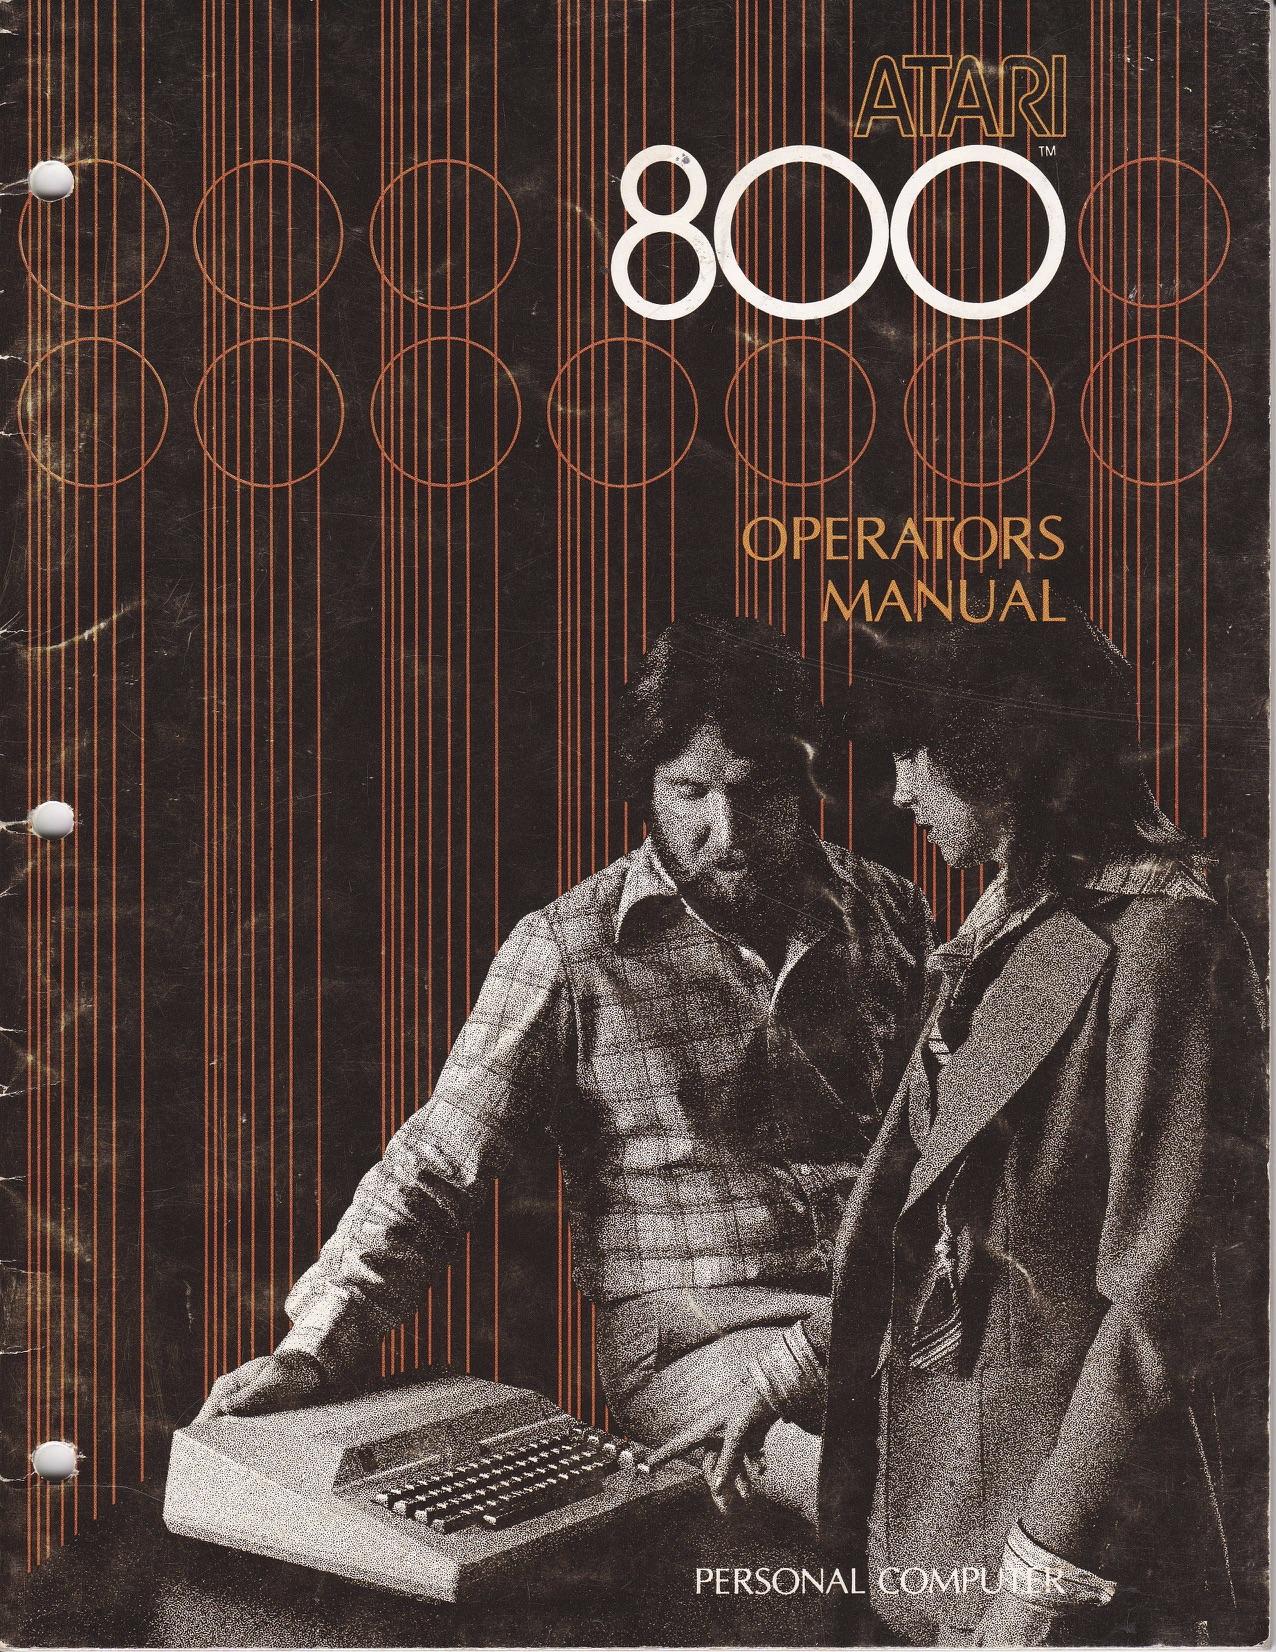 Atari 800 Operators Manual - Prototype